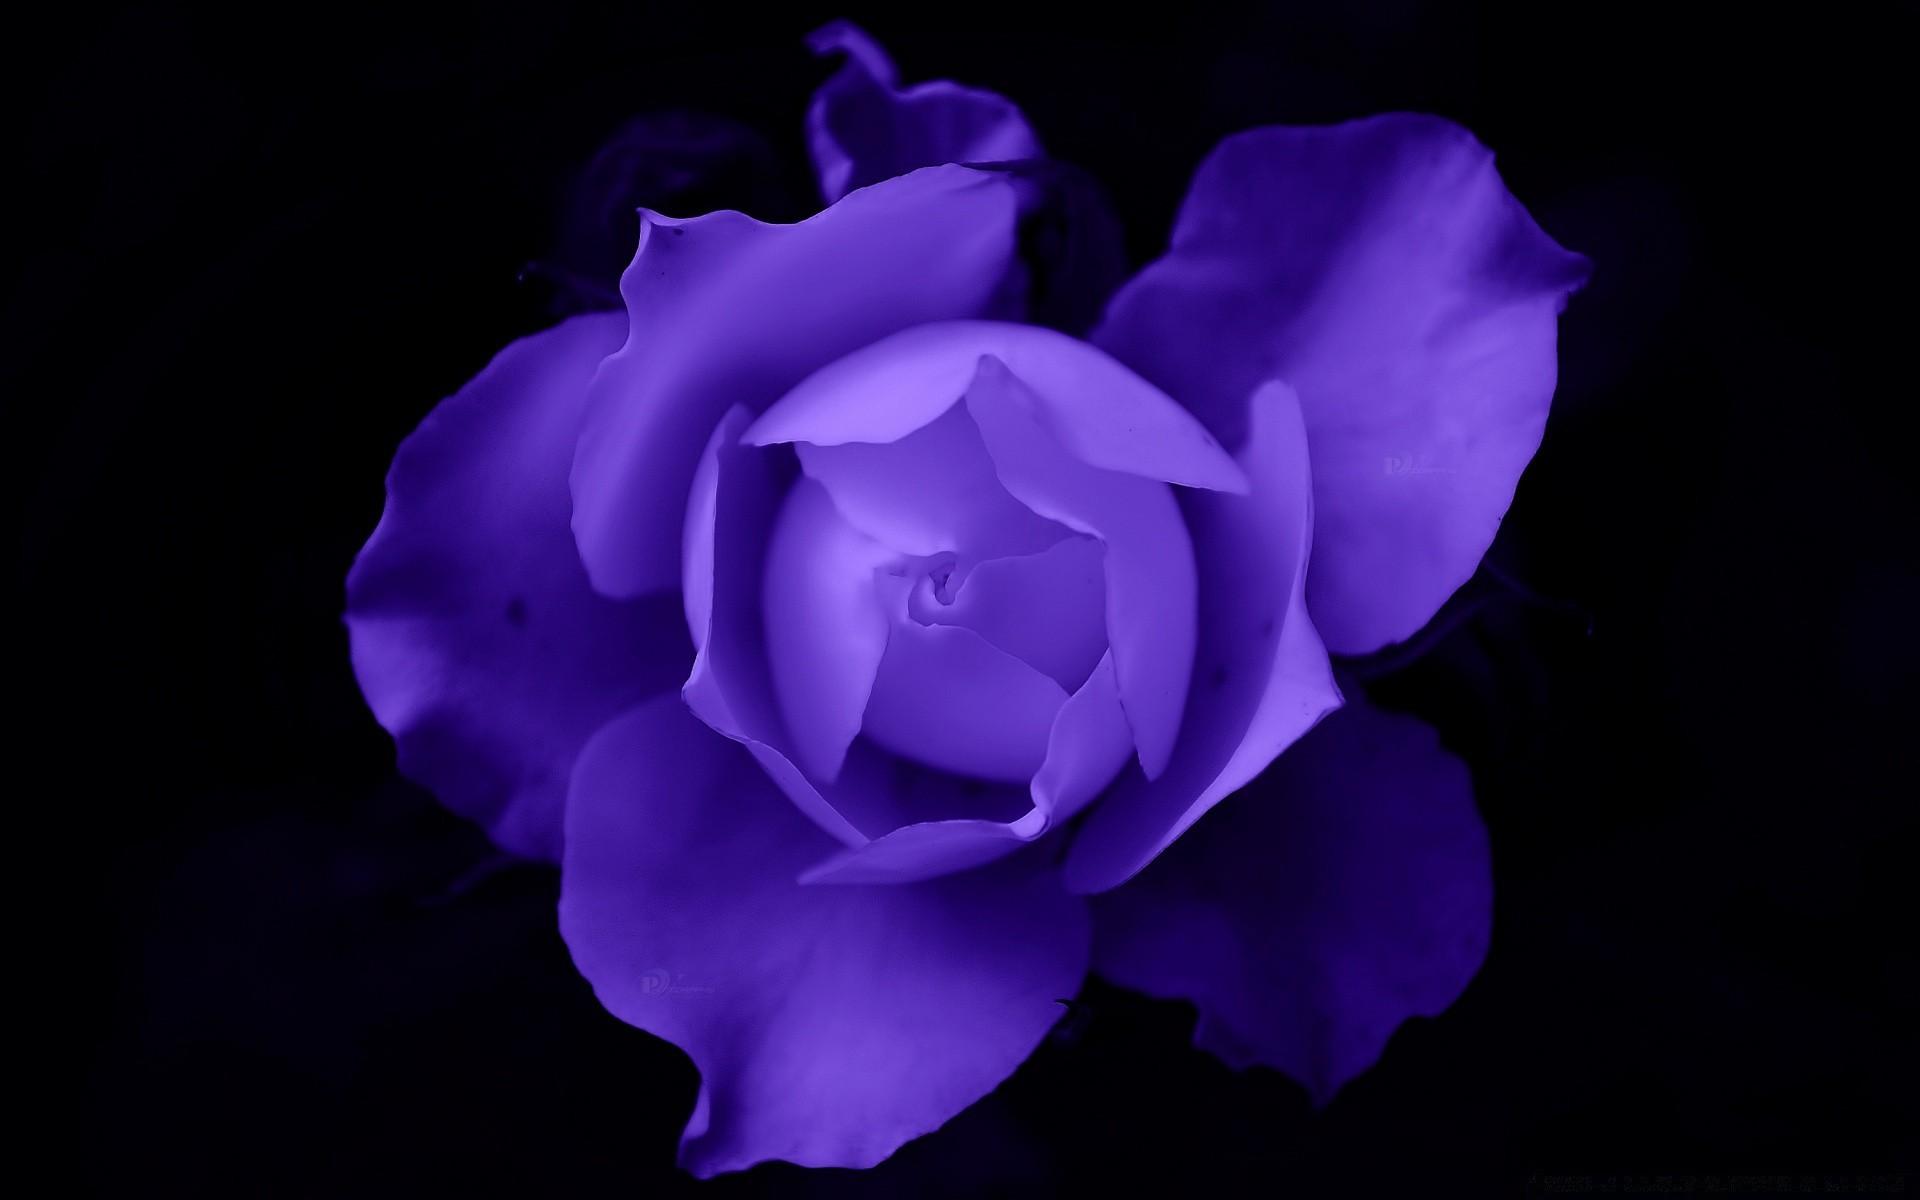 непросто картинки сиреневые цветы на черном фоне использовании двух фактур